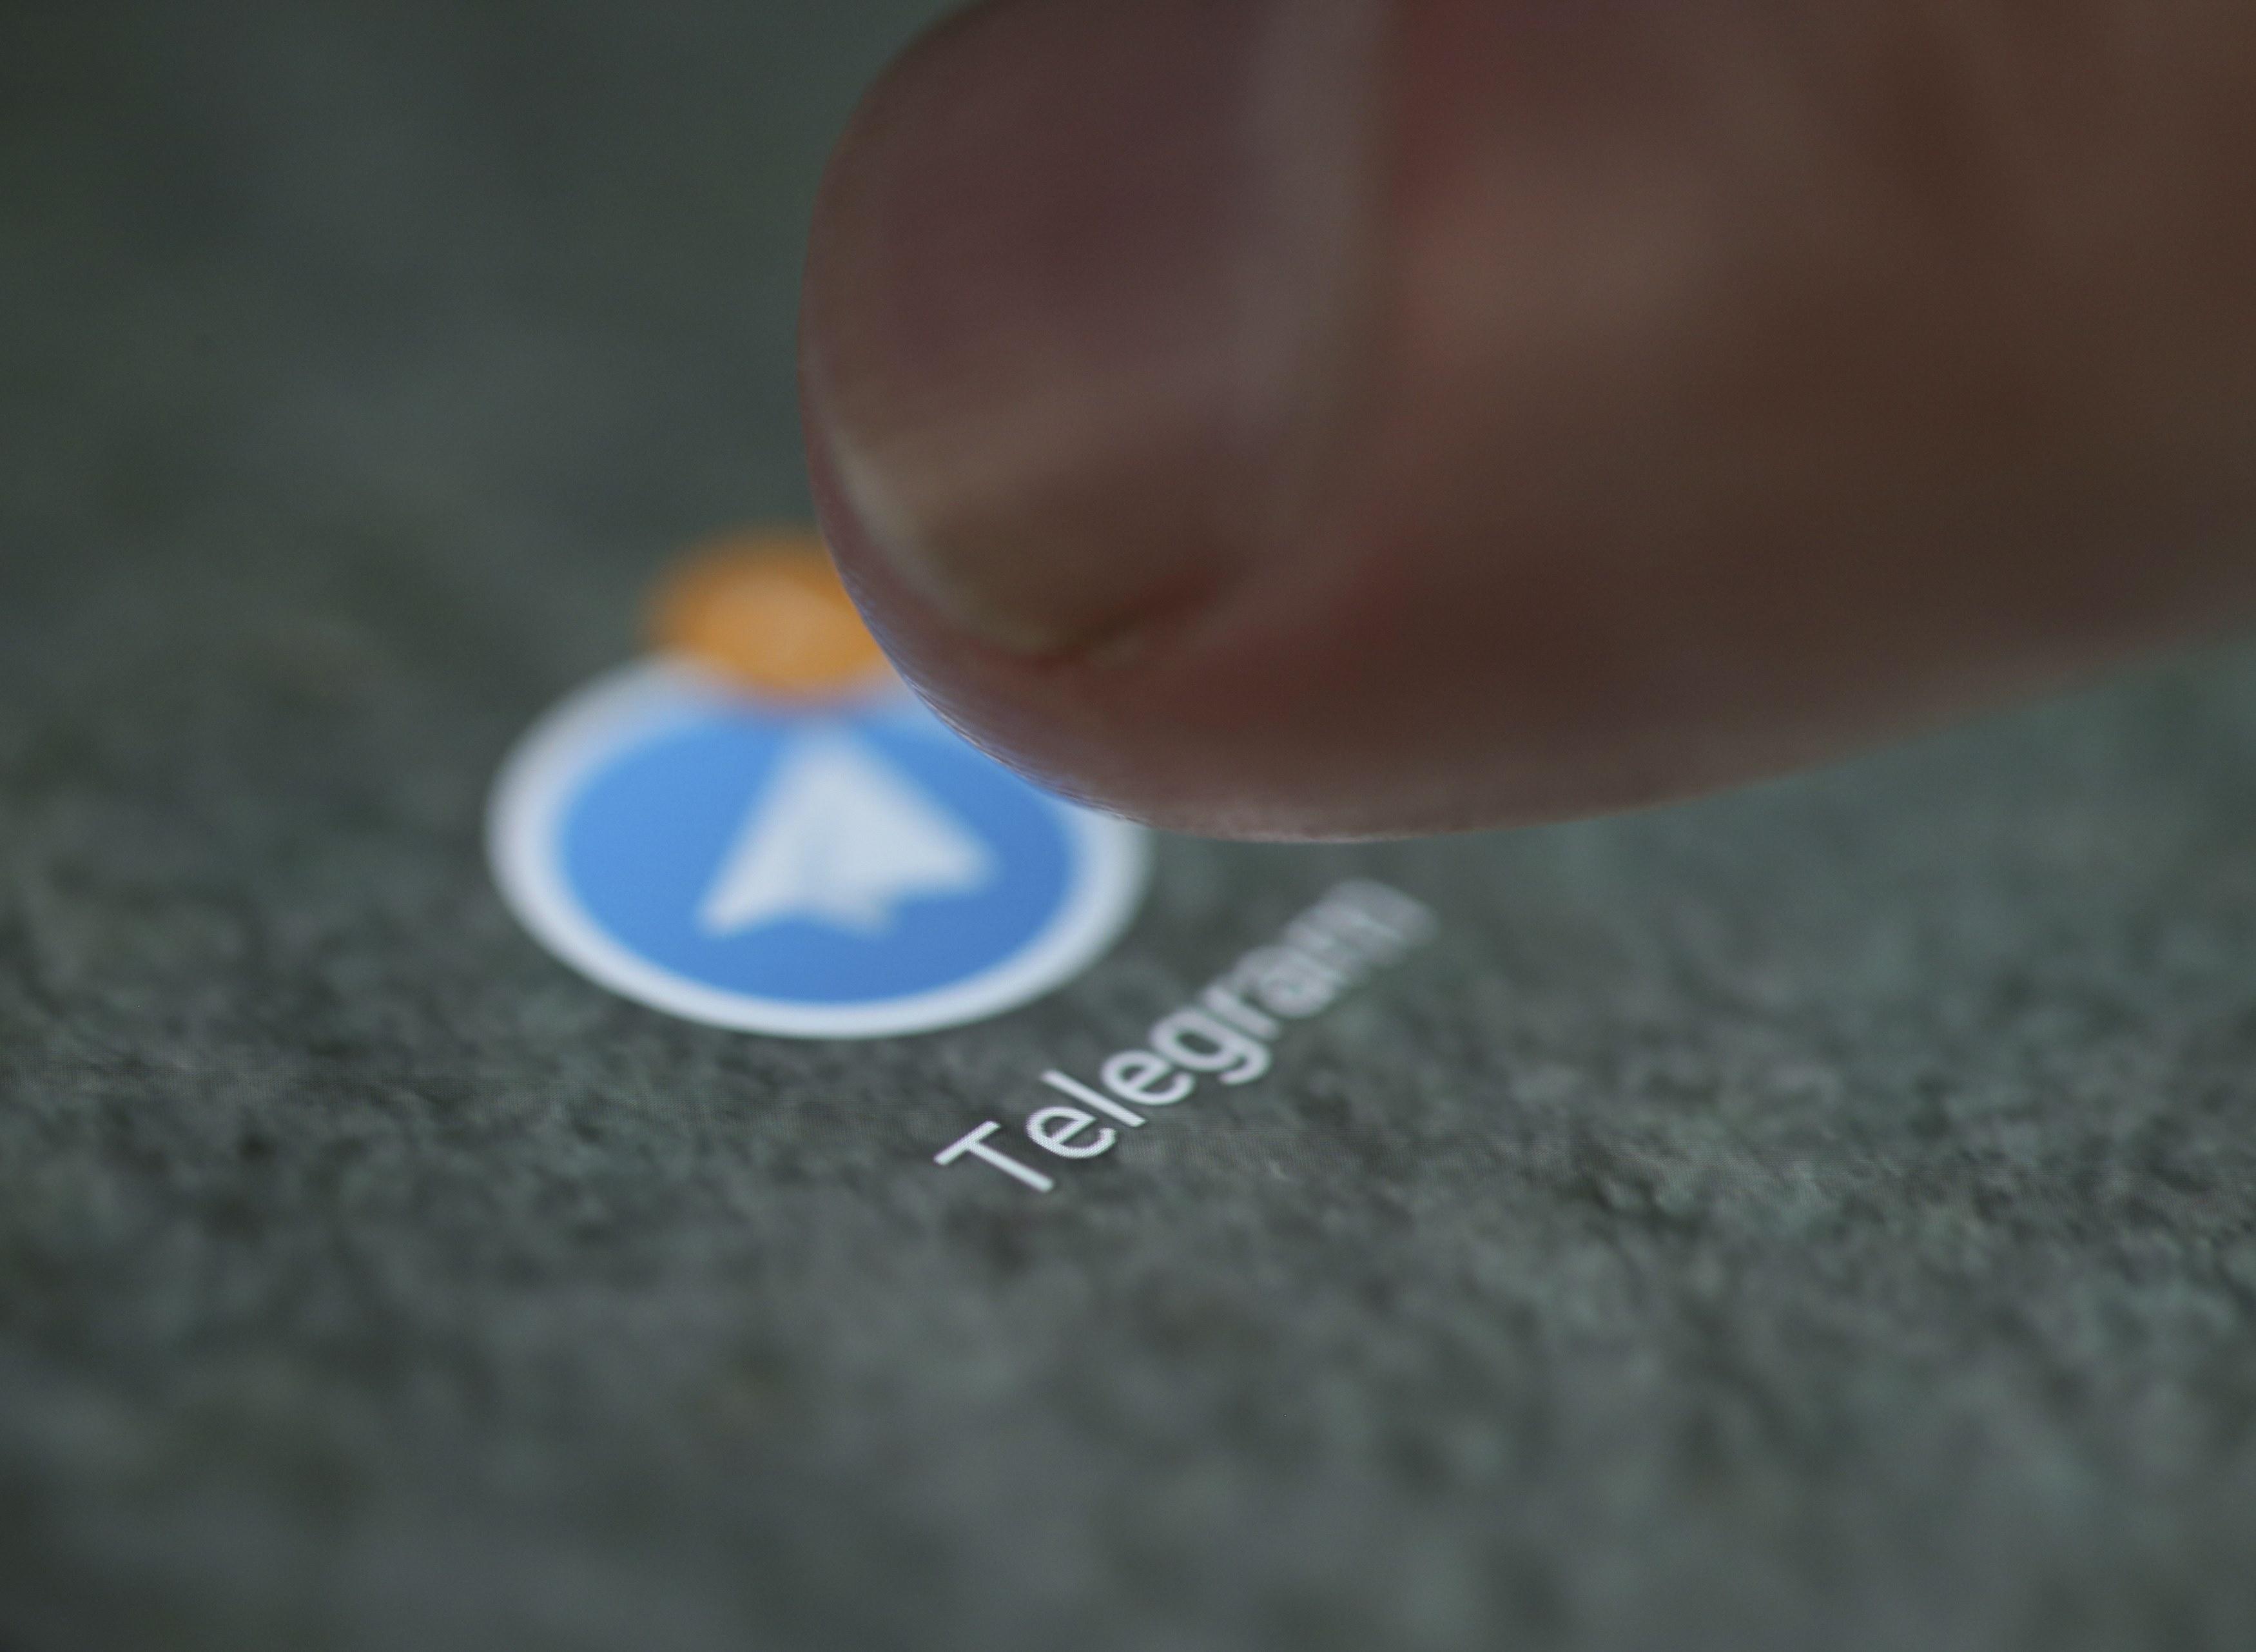 У Роскомнадзора не осталось вариантов блокировки Telegram